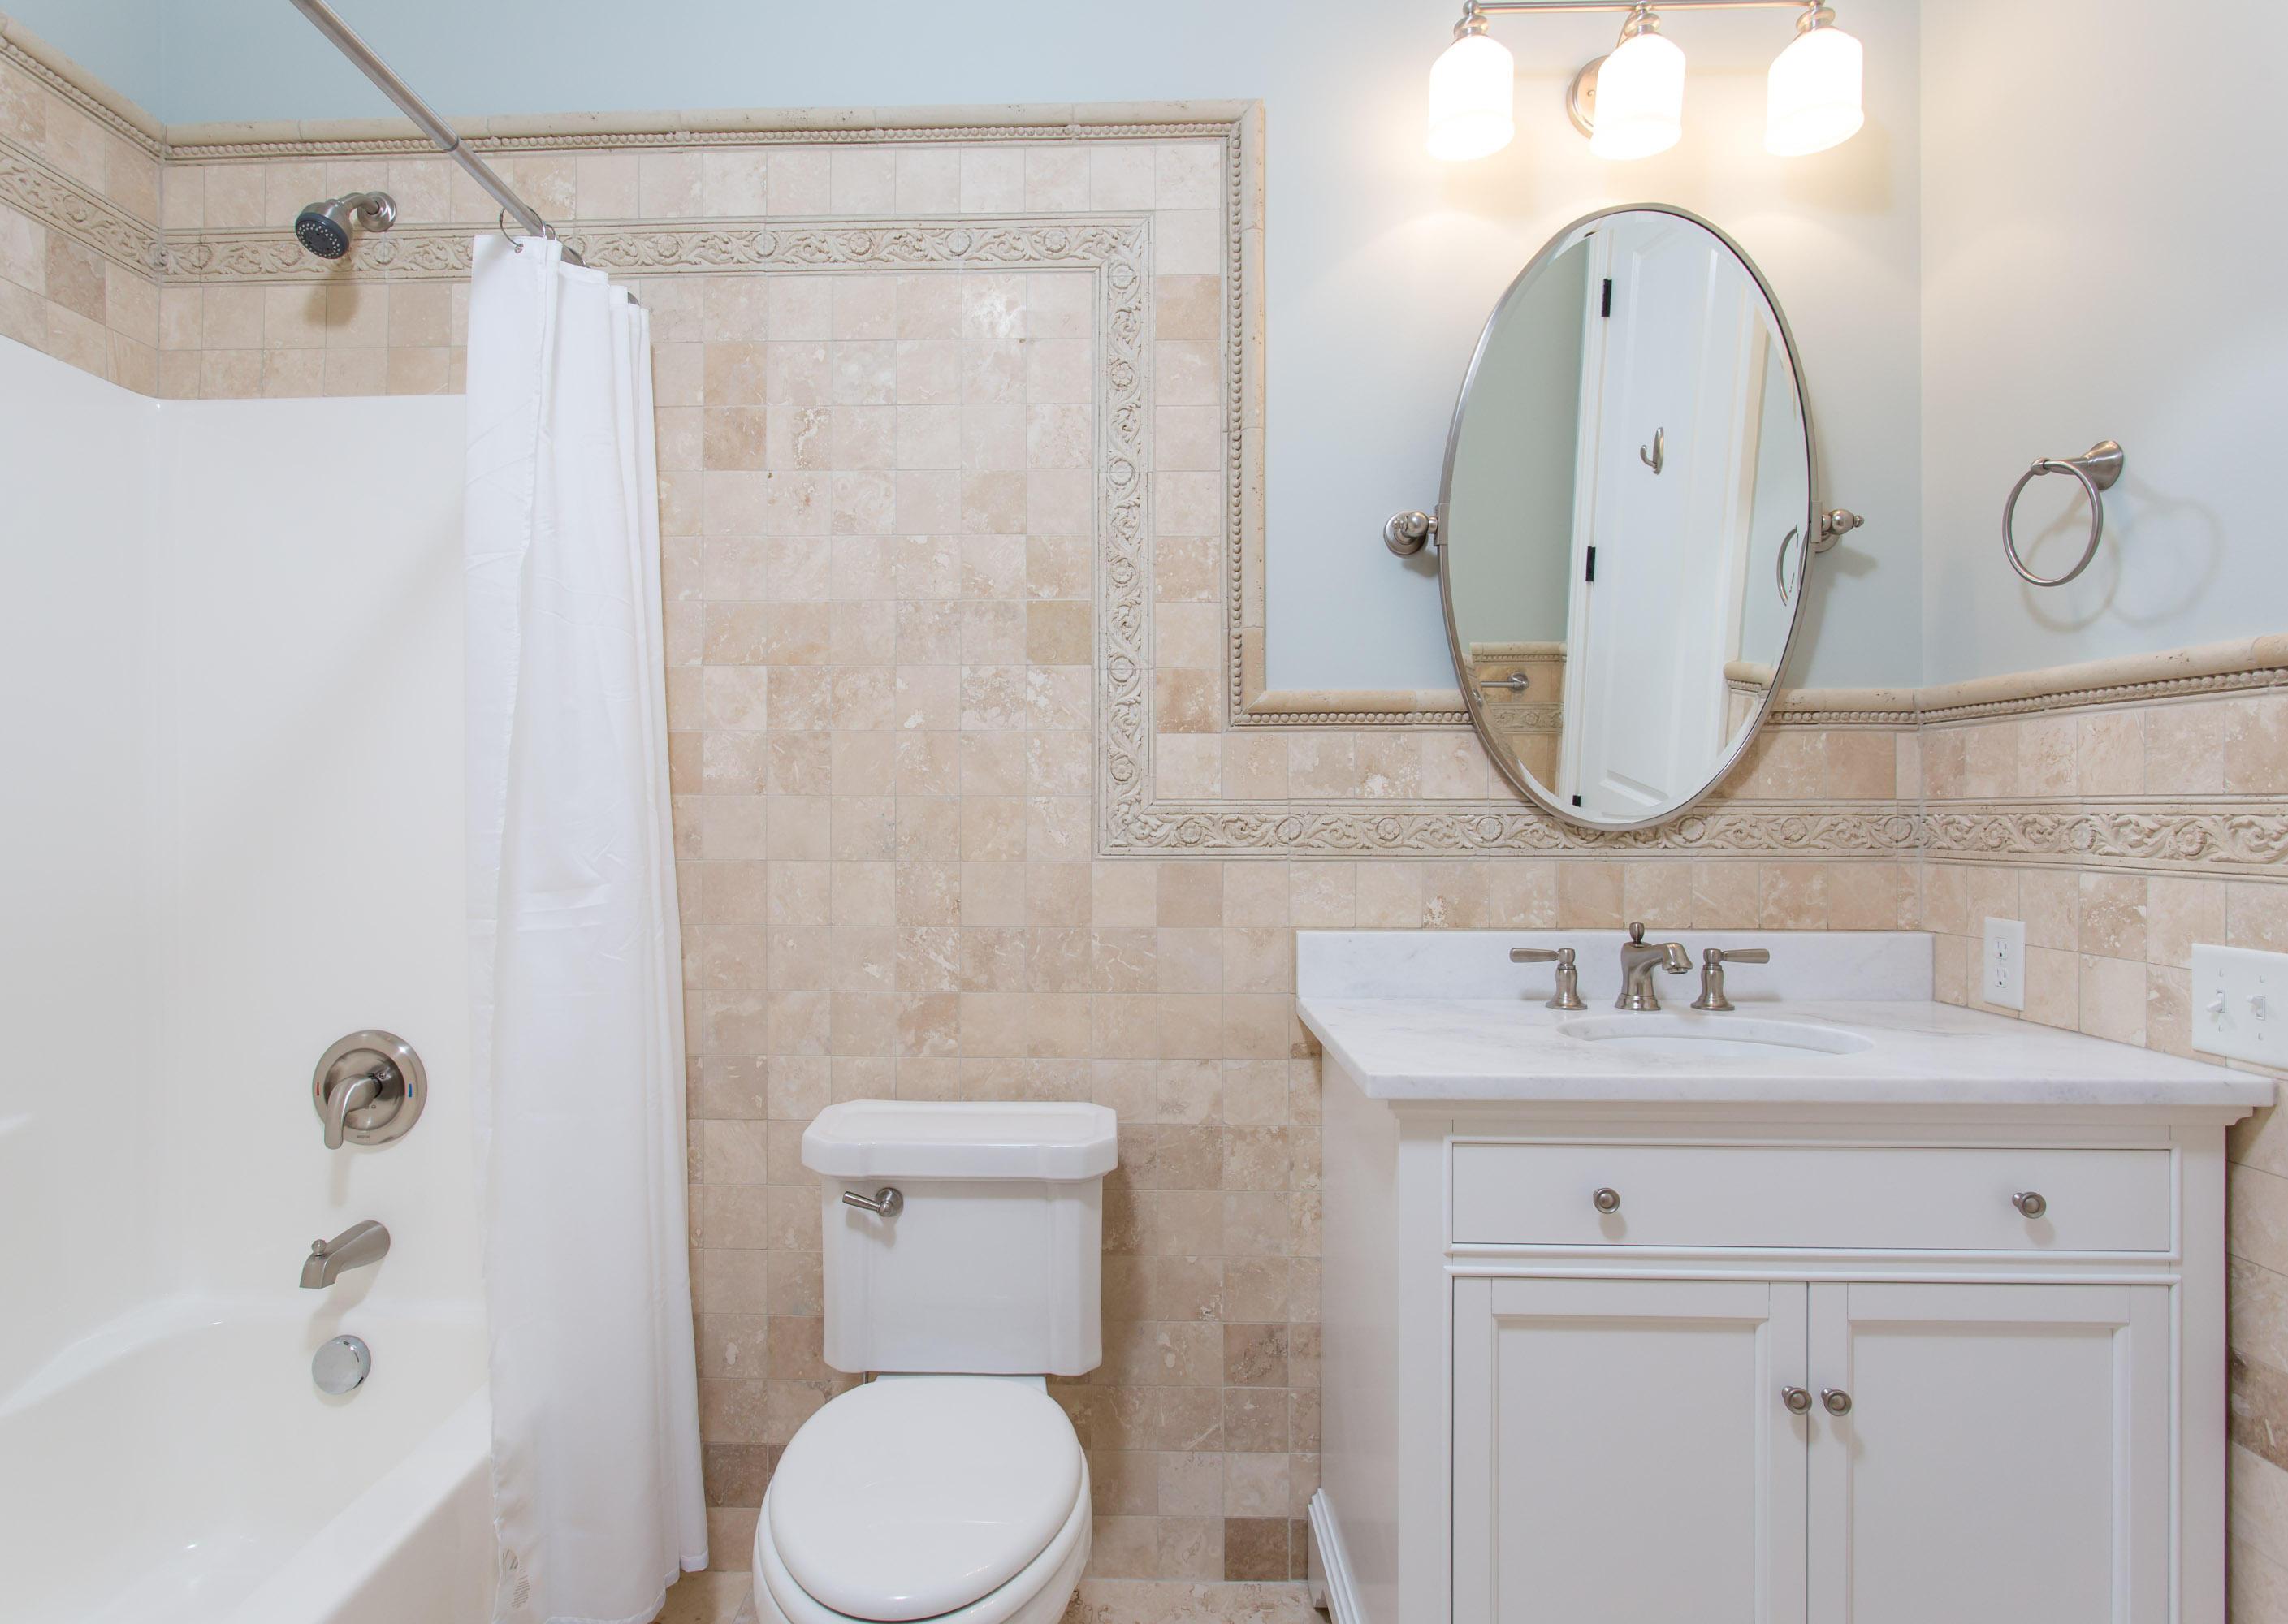 Dunes West Homes For Sale - 3044 Yachtsman, Mount Pleasant, SC - 25